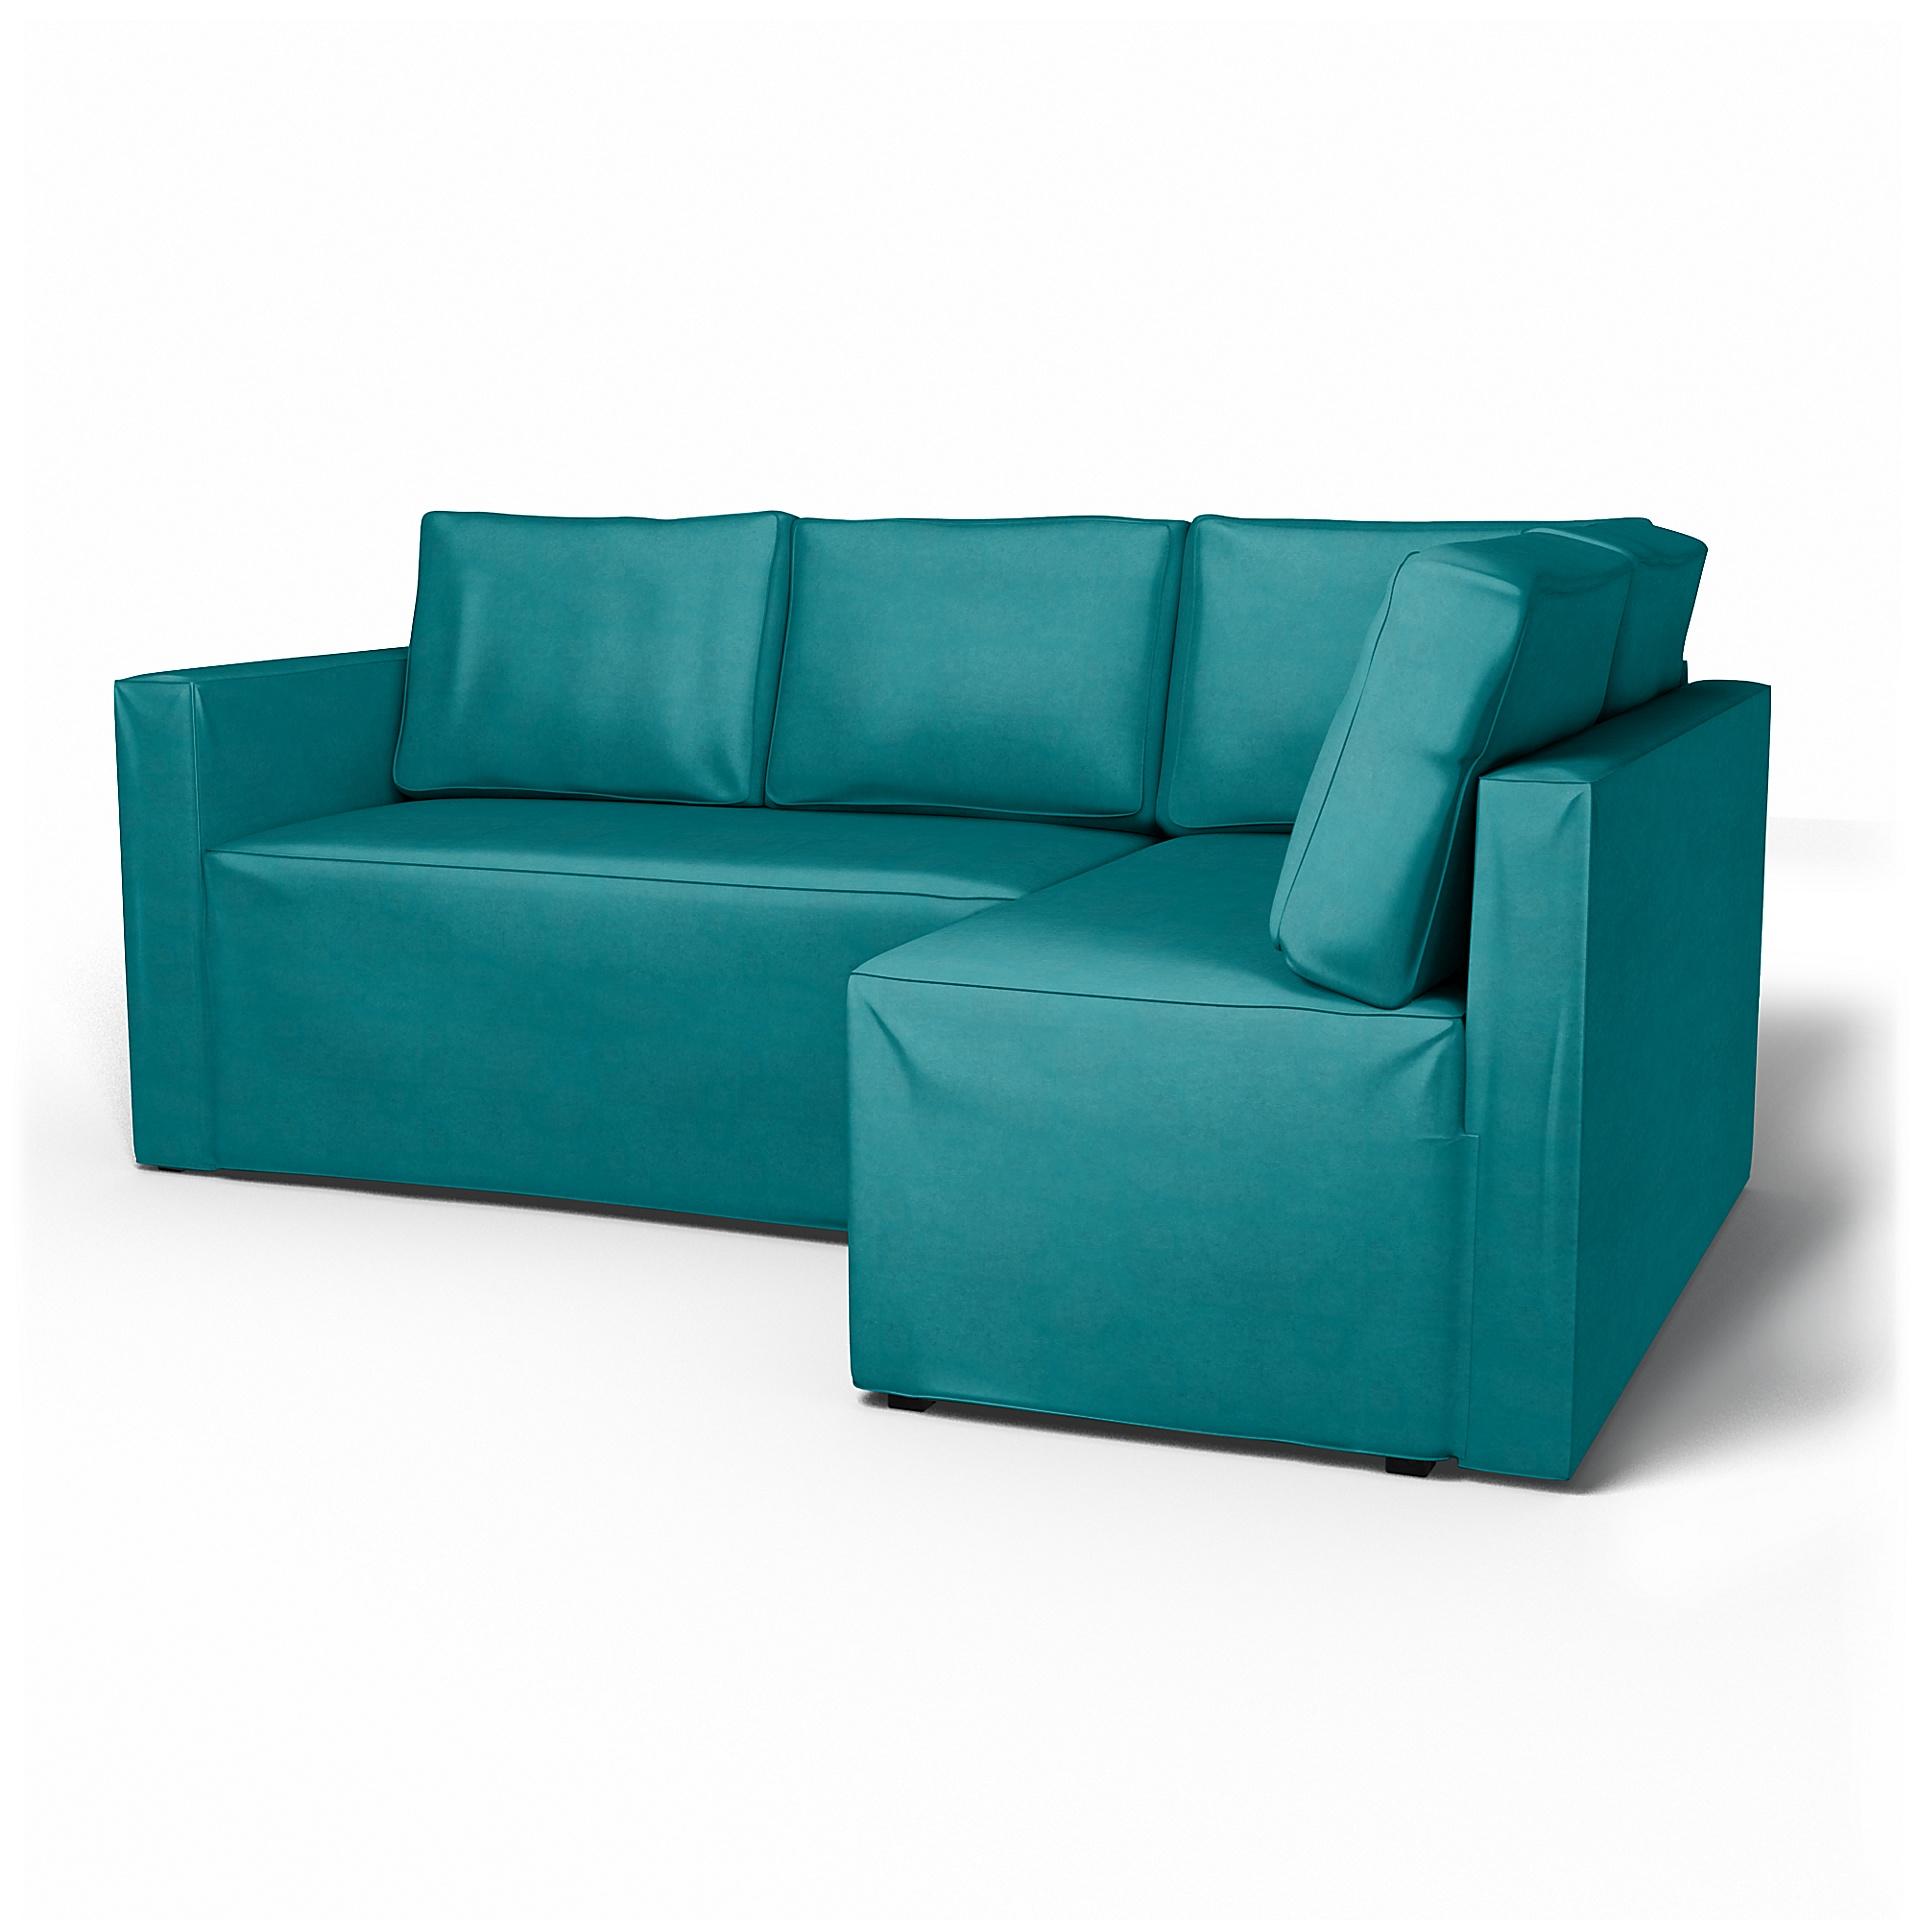 Divano Velluto Blu Ikea ikea fågelbo, divano letto angolare con contenitore, destra